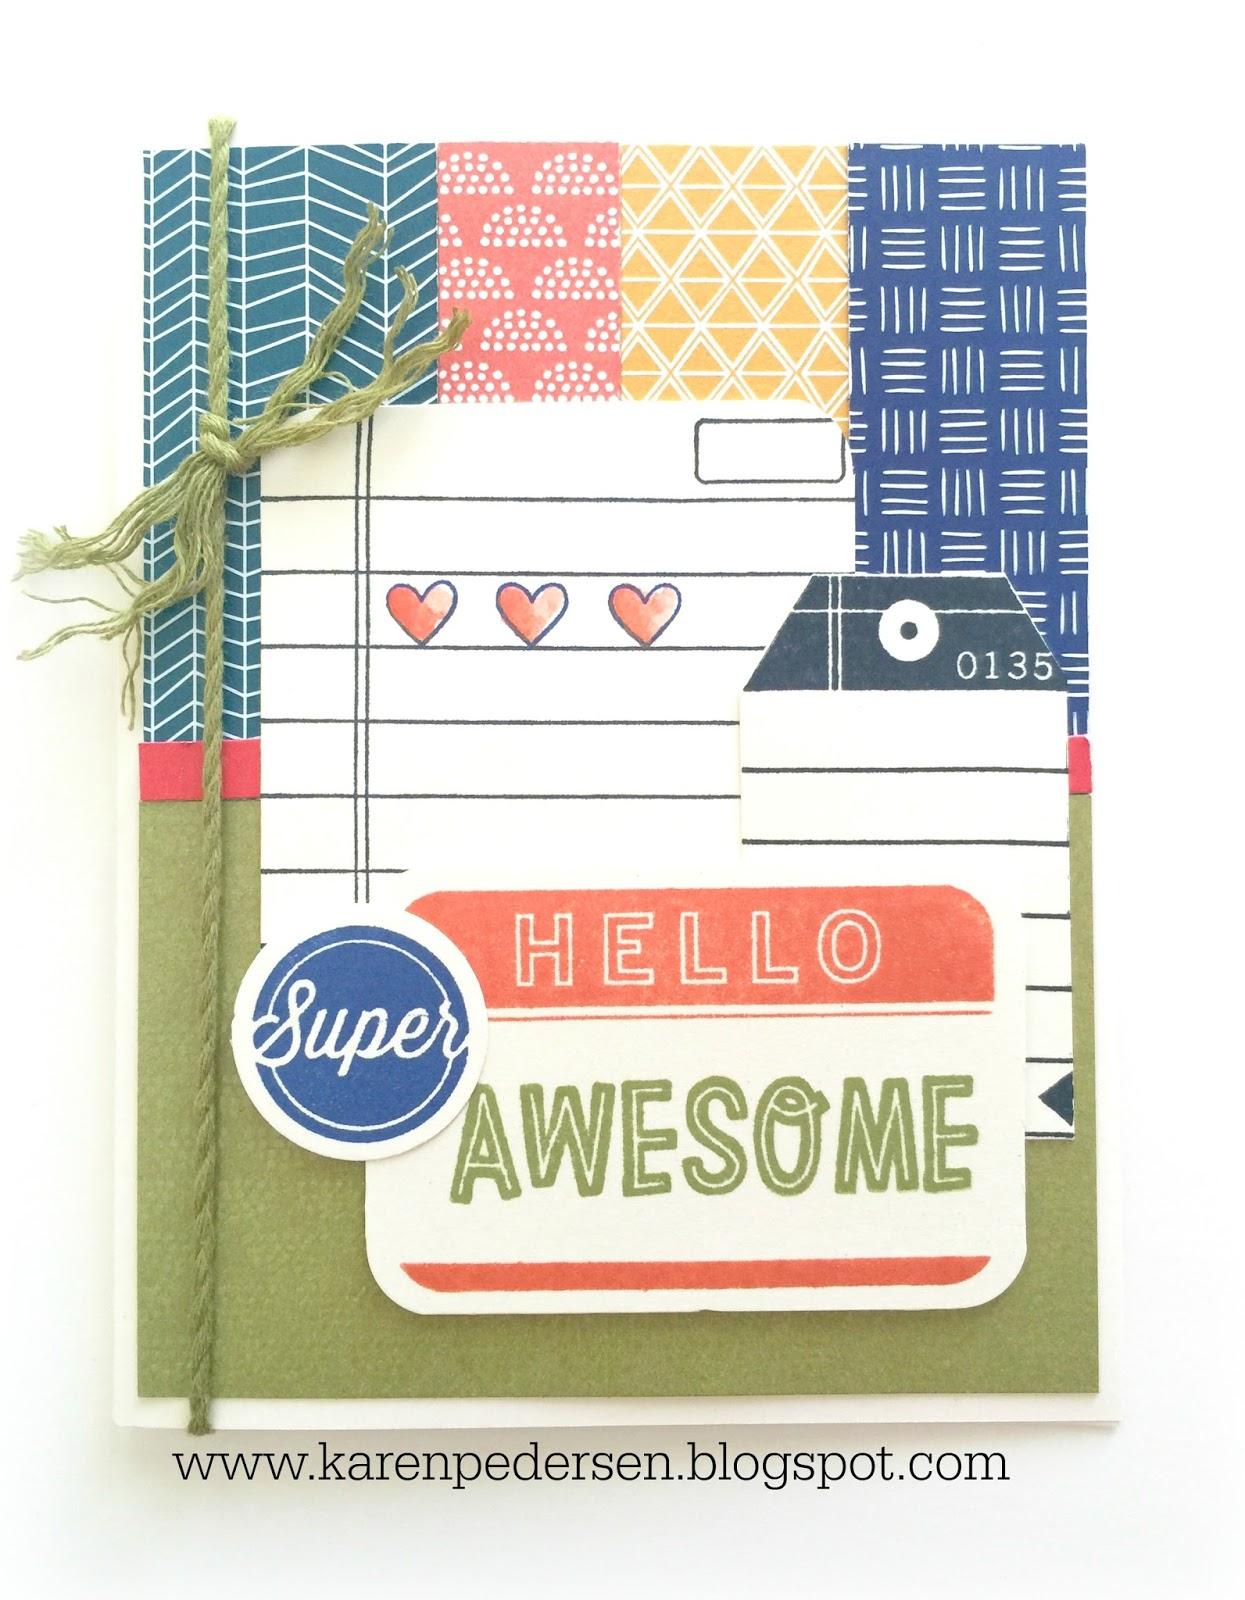 Karen Pedersen: Hello Super Awesome Card